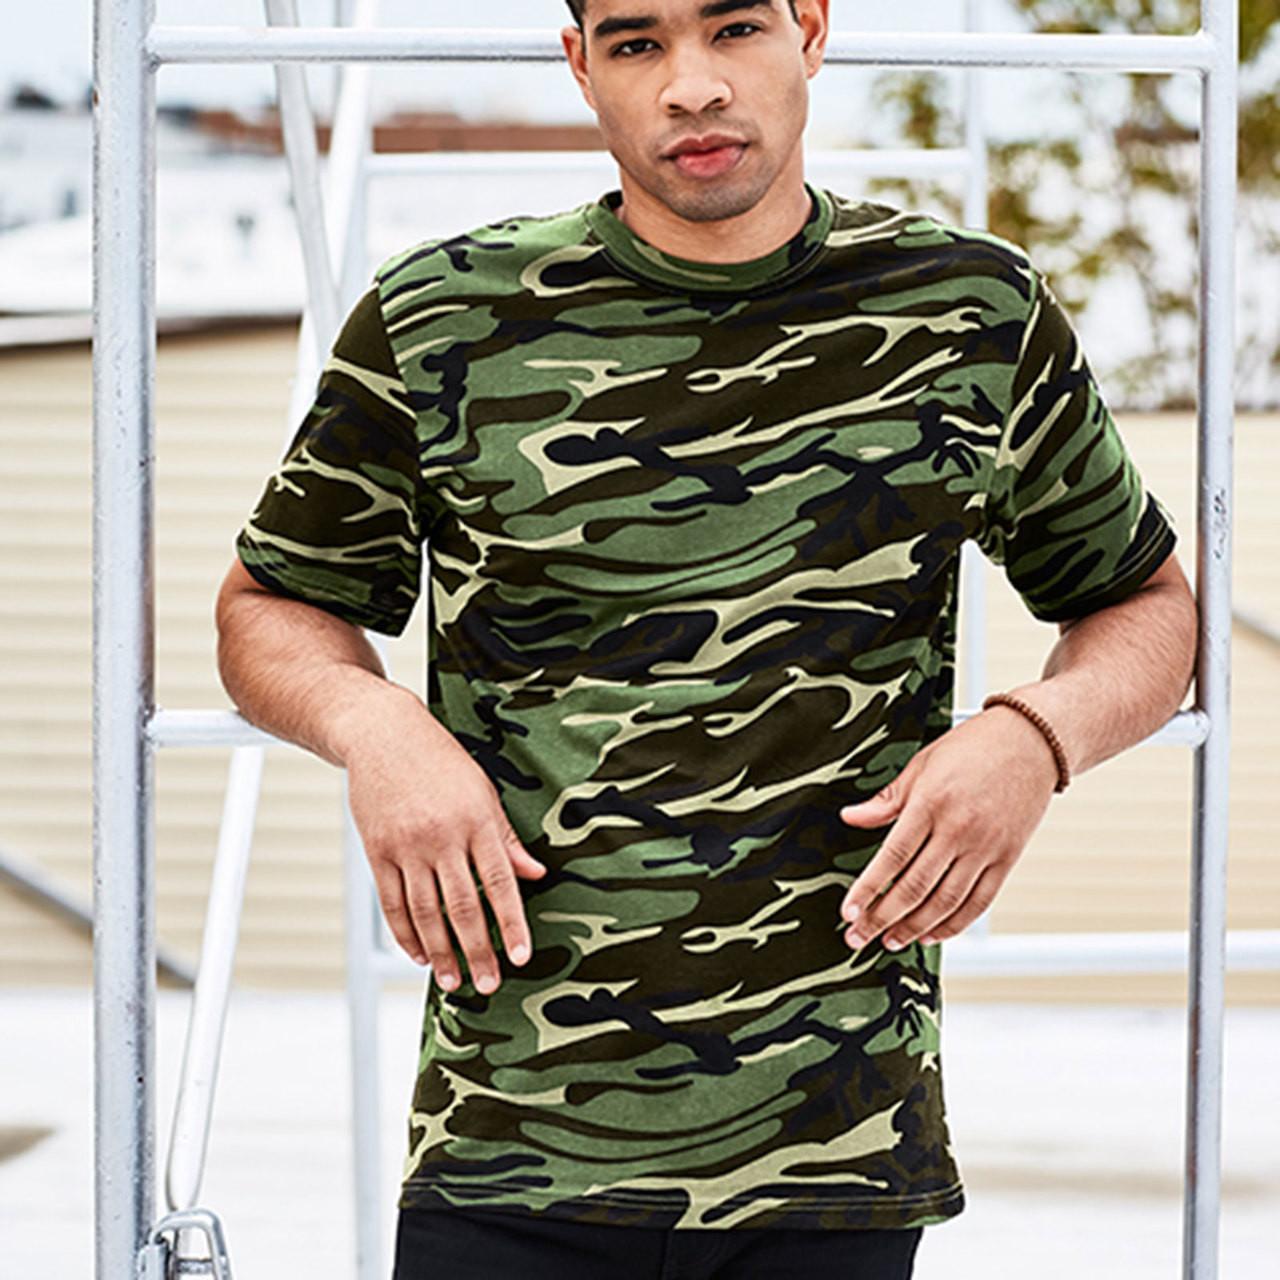 bf0c90930417e4 Unisex Camouflage Tshirt